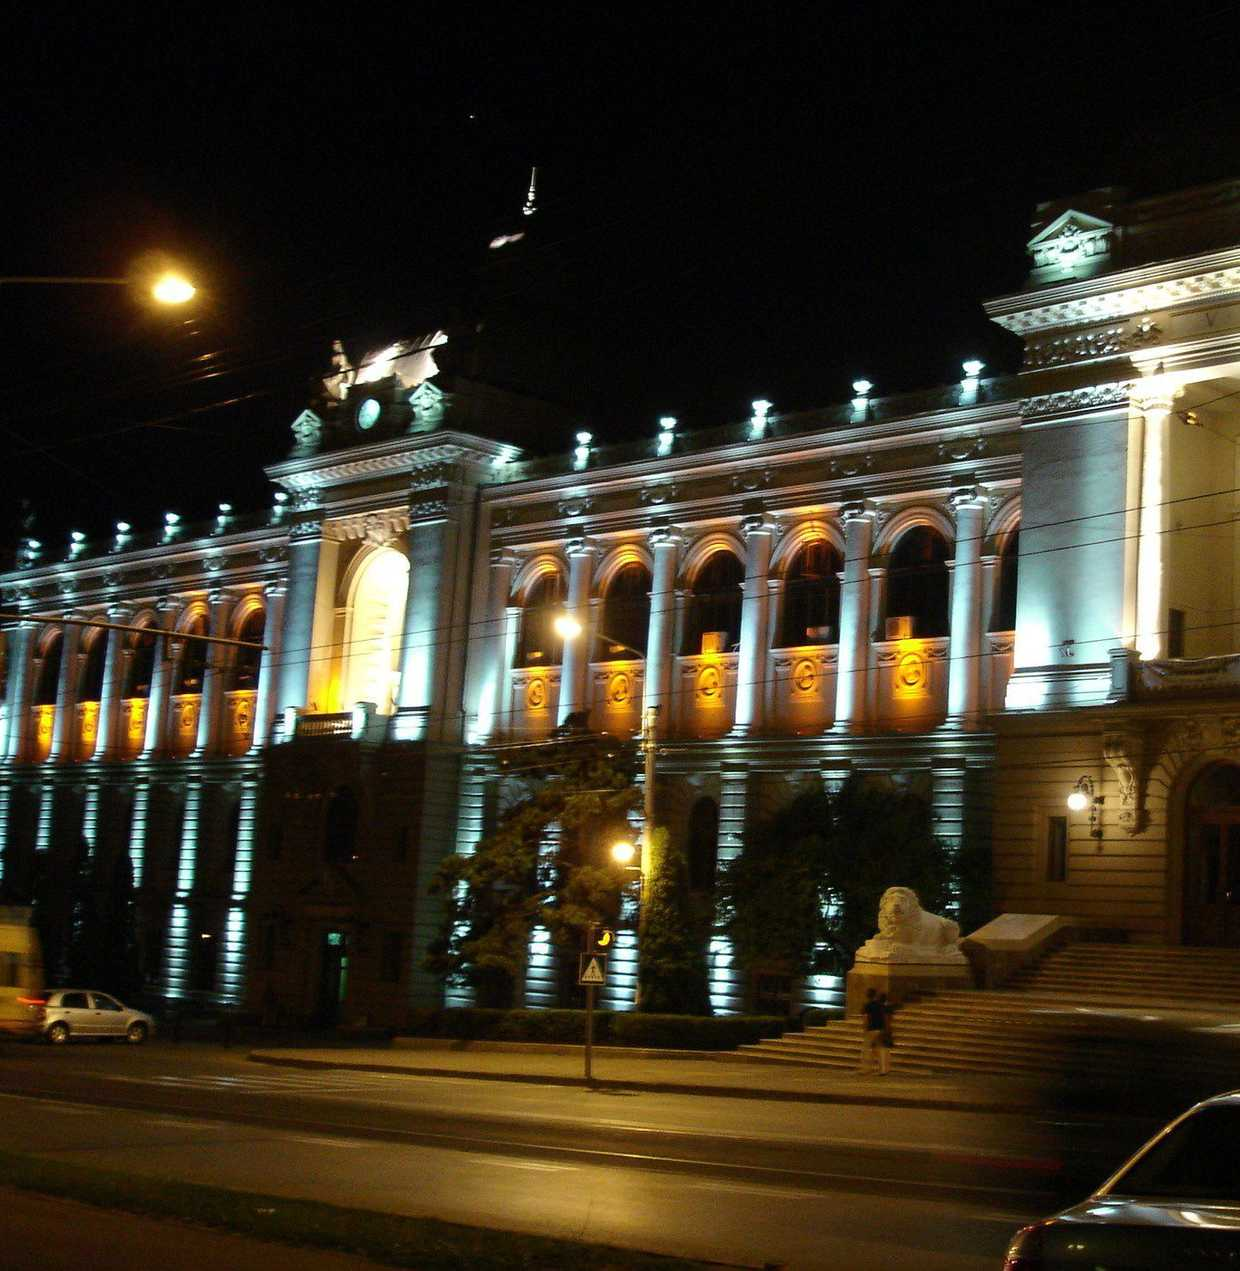 Lumini la Universitate reloaded cover image